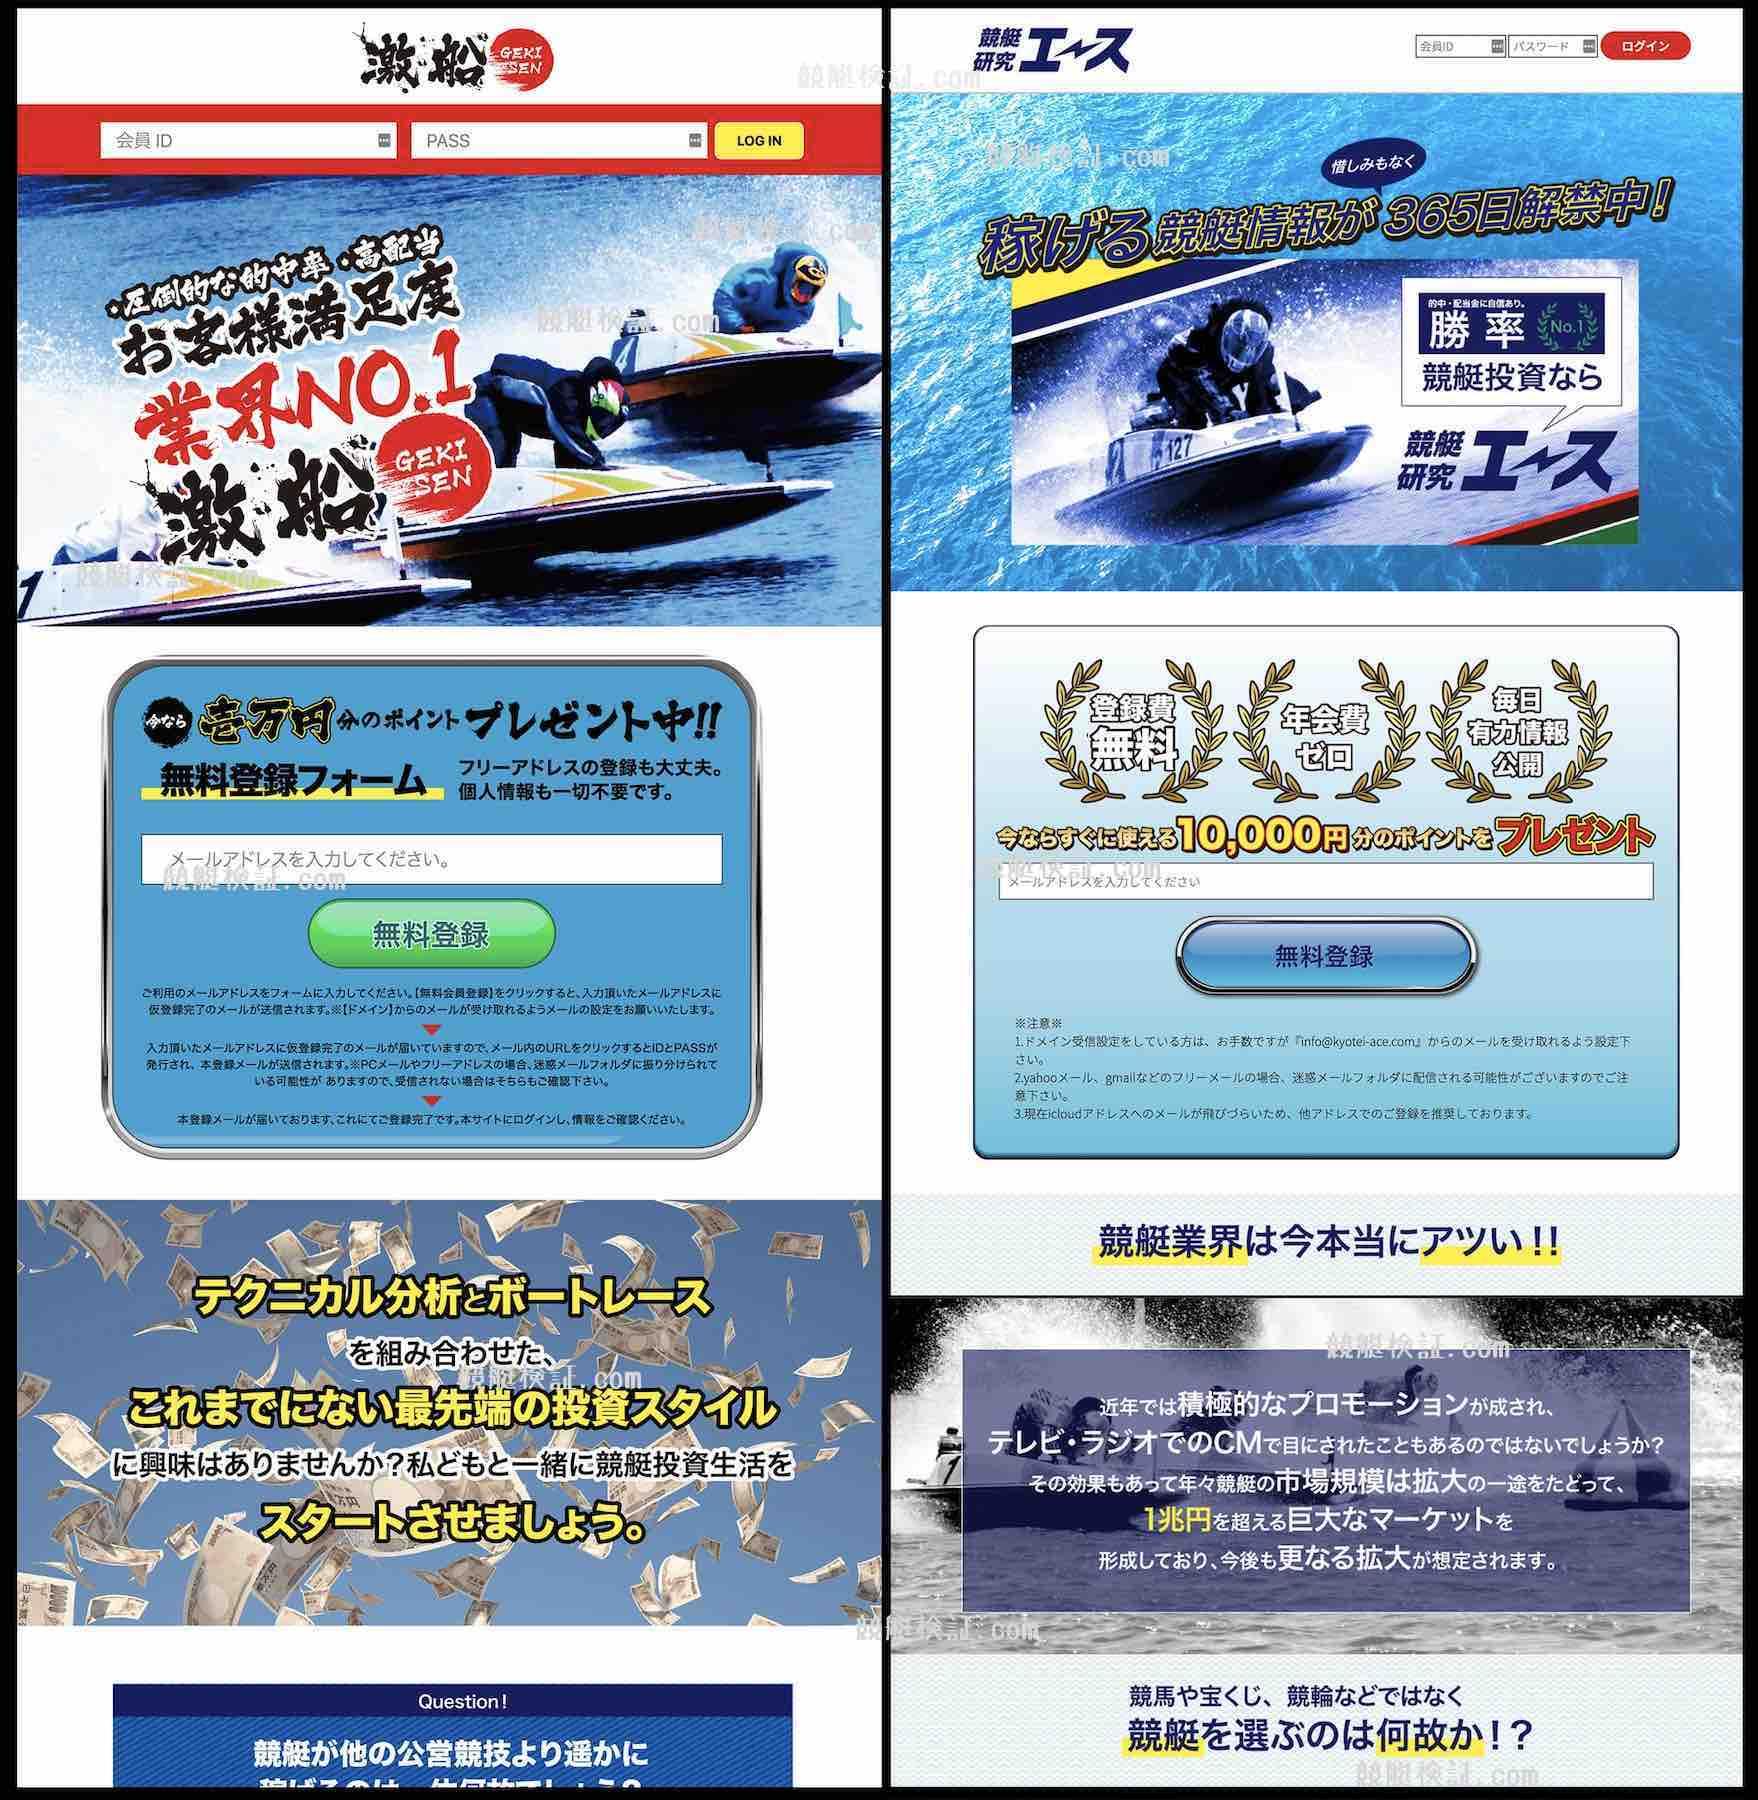 競艇予想サイト(ボートレース予想サイト)の「激船」と「競艇研究エース」は同じ運営会社か?と疑わしい画像比較